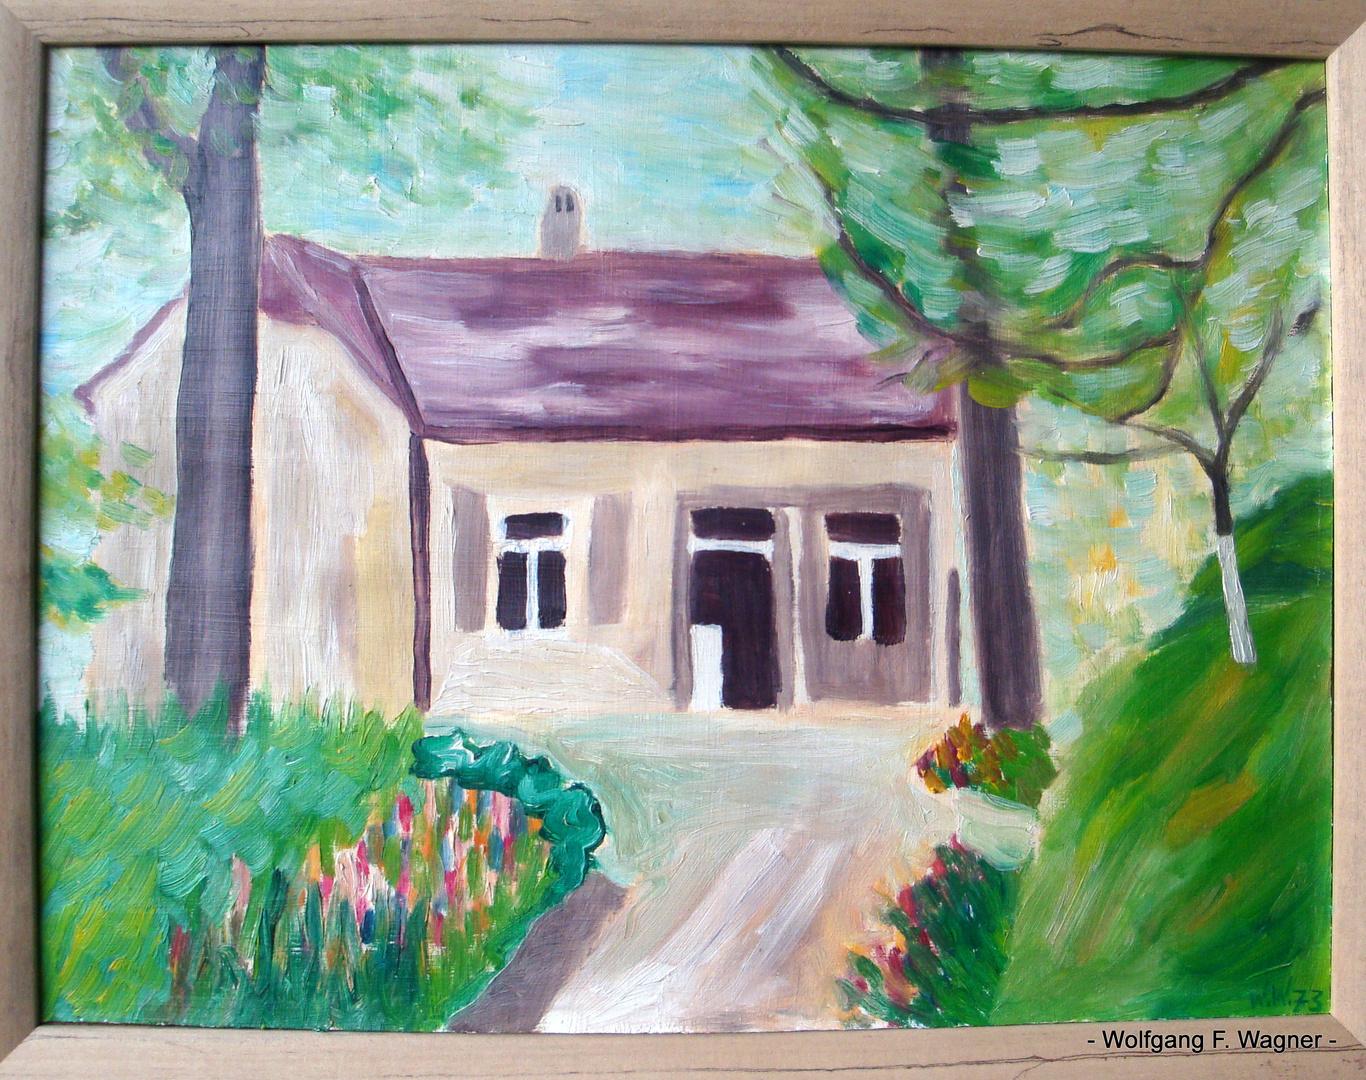 - Mein Geburtshaus in Erlangen - Mittelfranken - auch Nordbayern genannt - 1963 - gemalt 1973 -